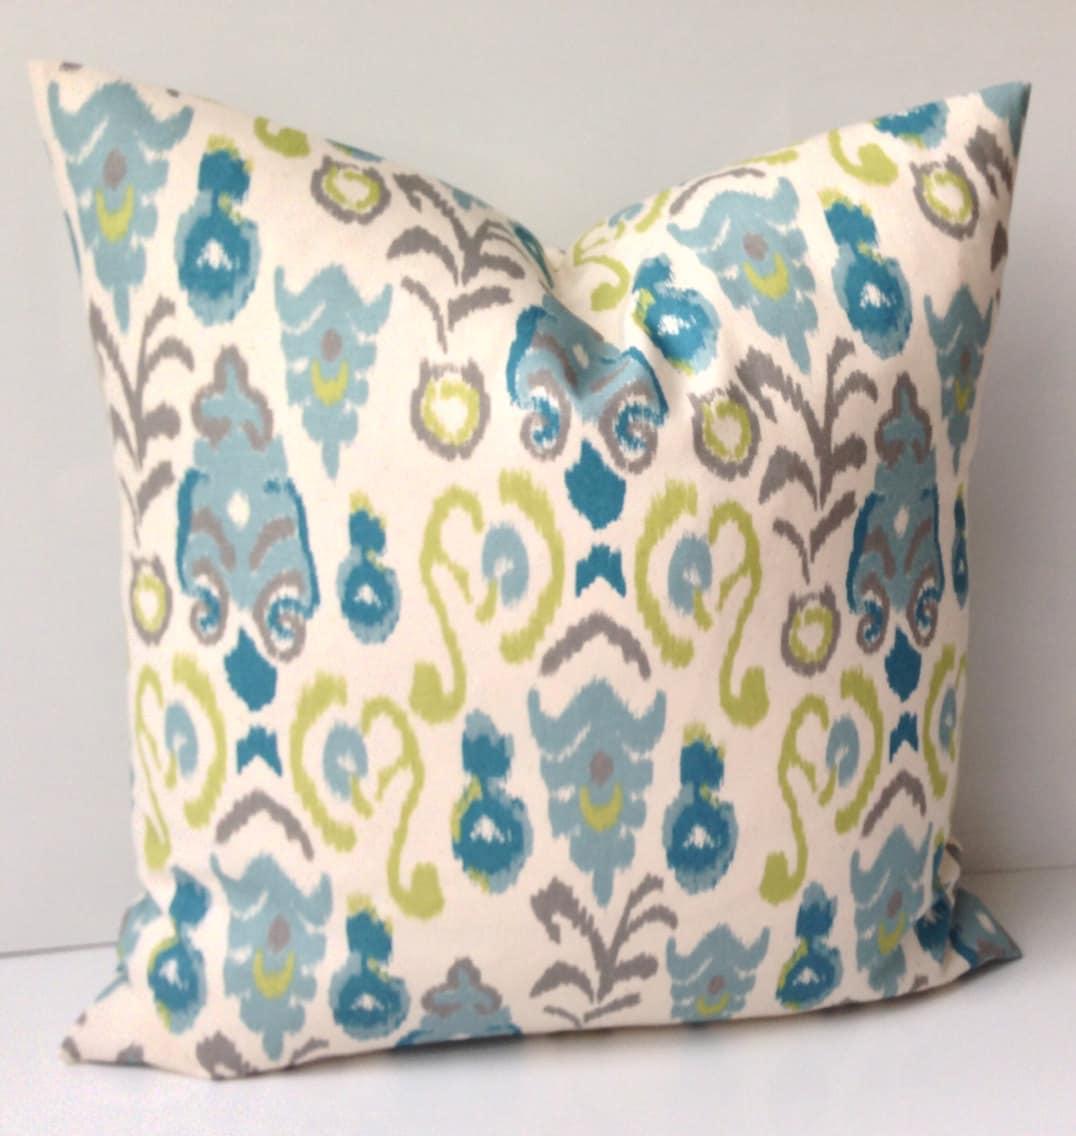 Ikat Throw Pillow Covers : Ikat Pillow Cover Decorative Throw Pillow Blue Green Pillow